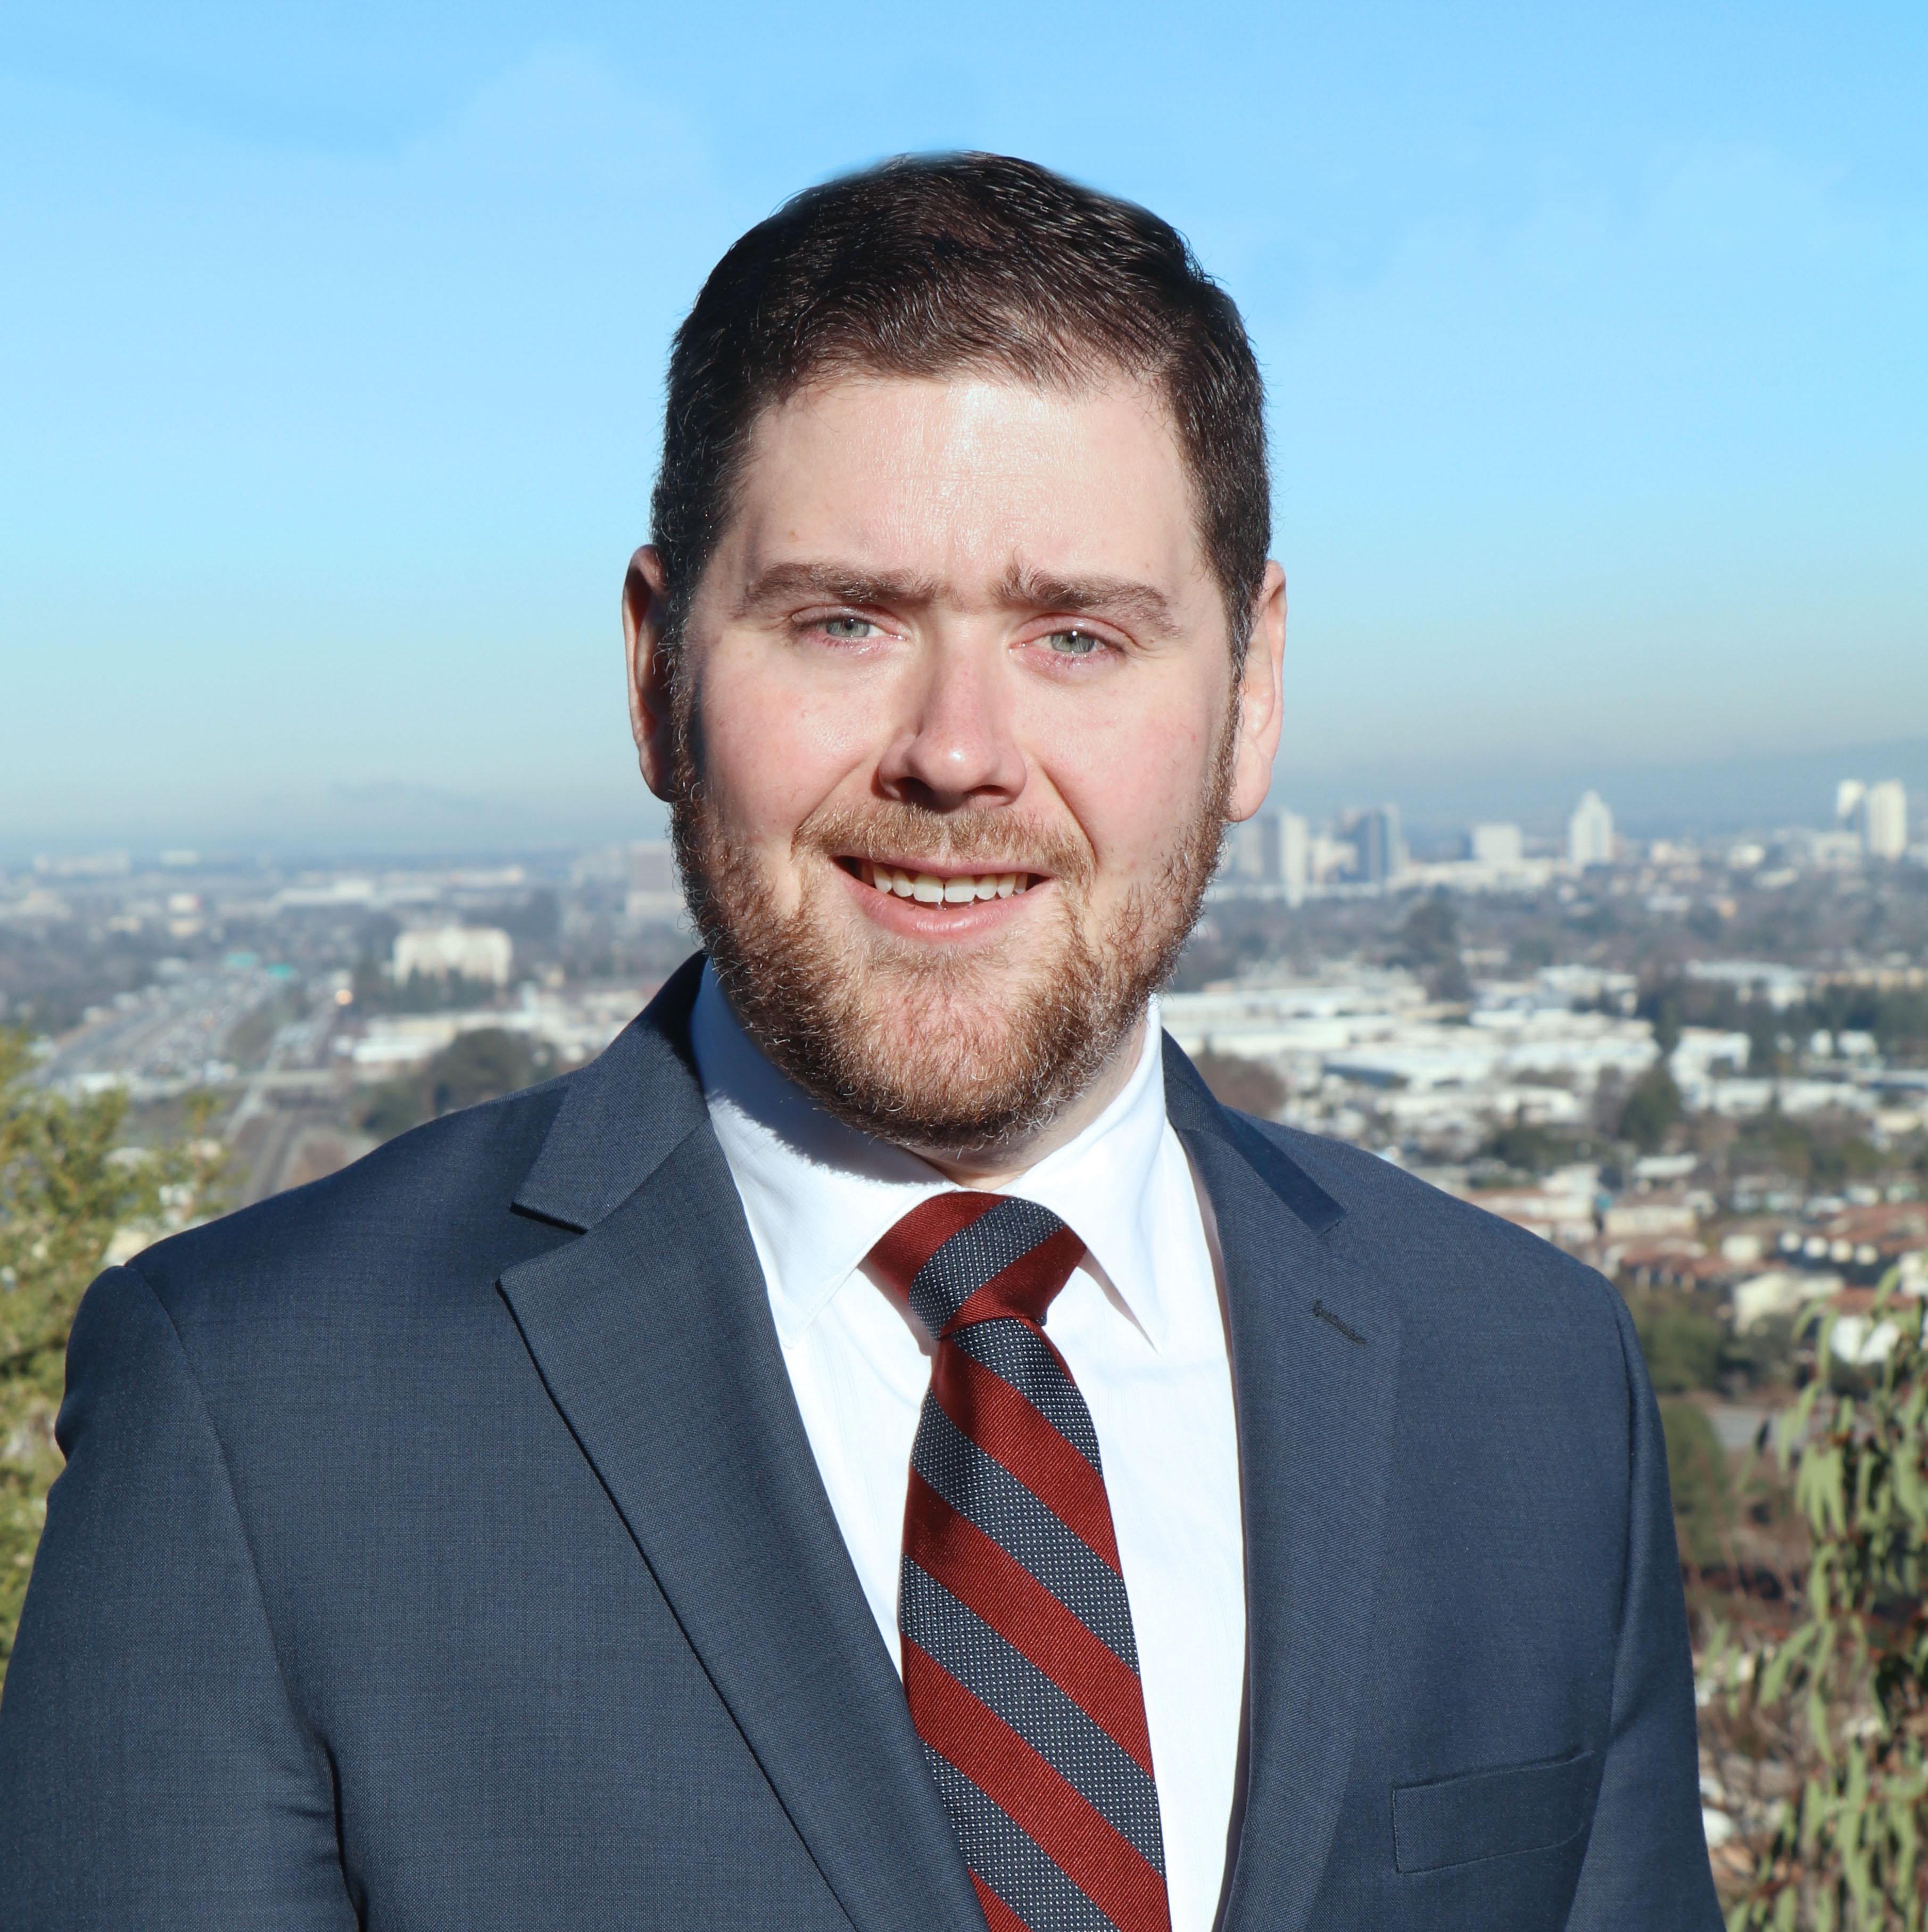 Jason Bivens